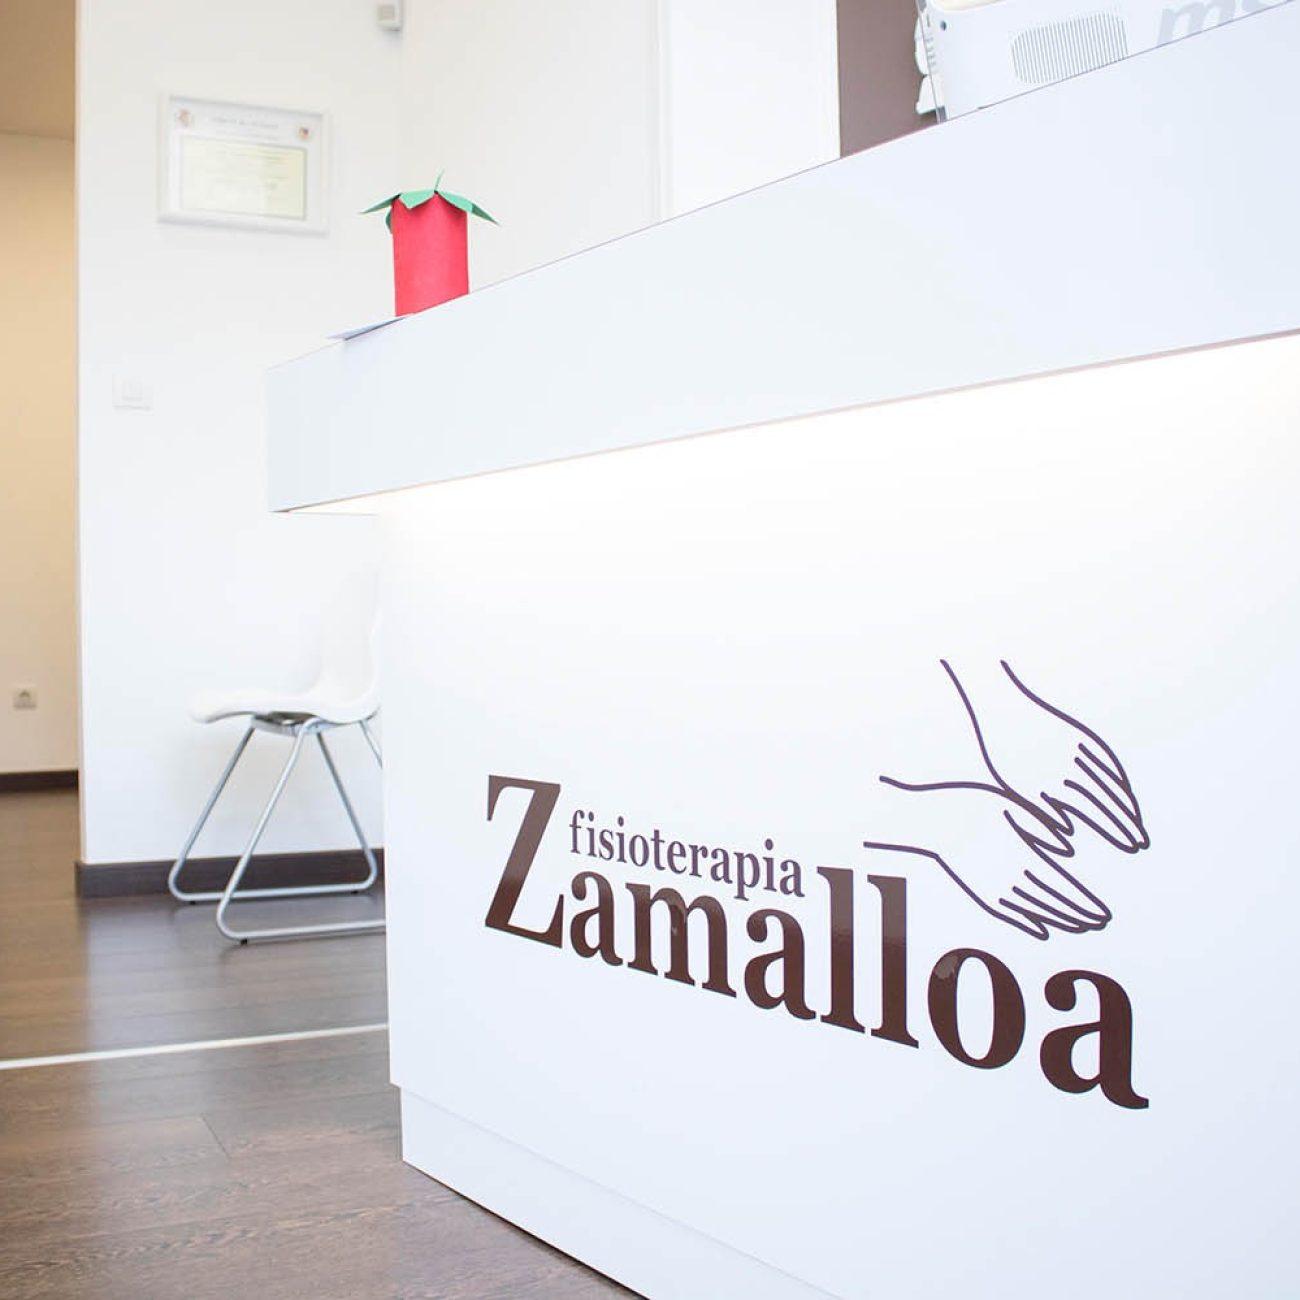 Zamalloa, fisioterapia ubicada en Bilbao